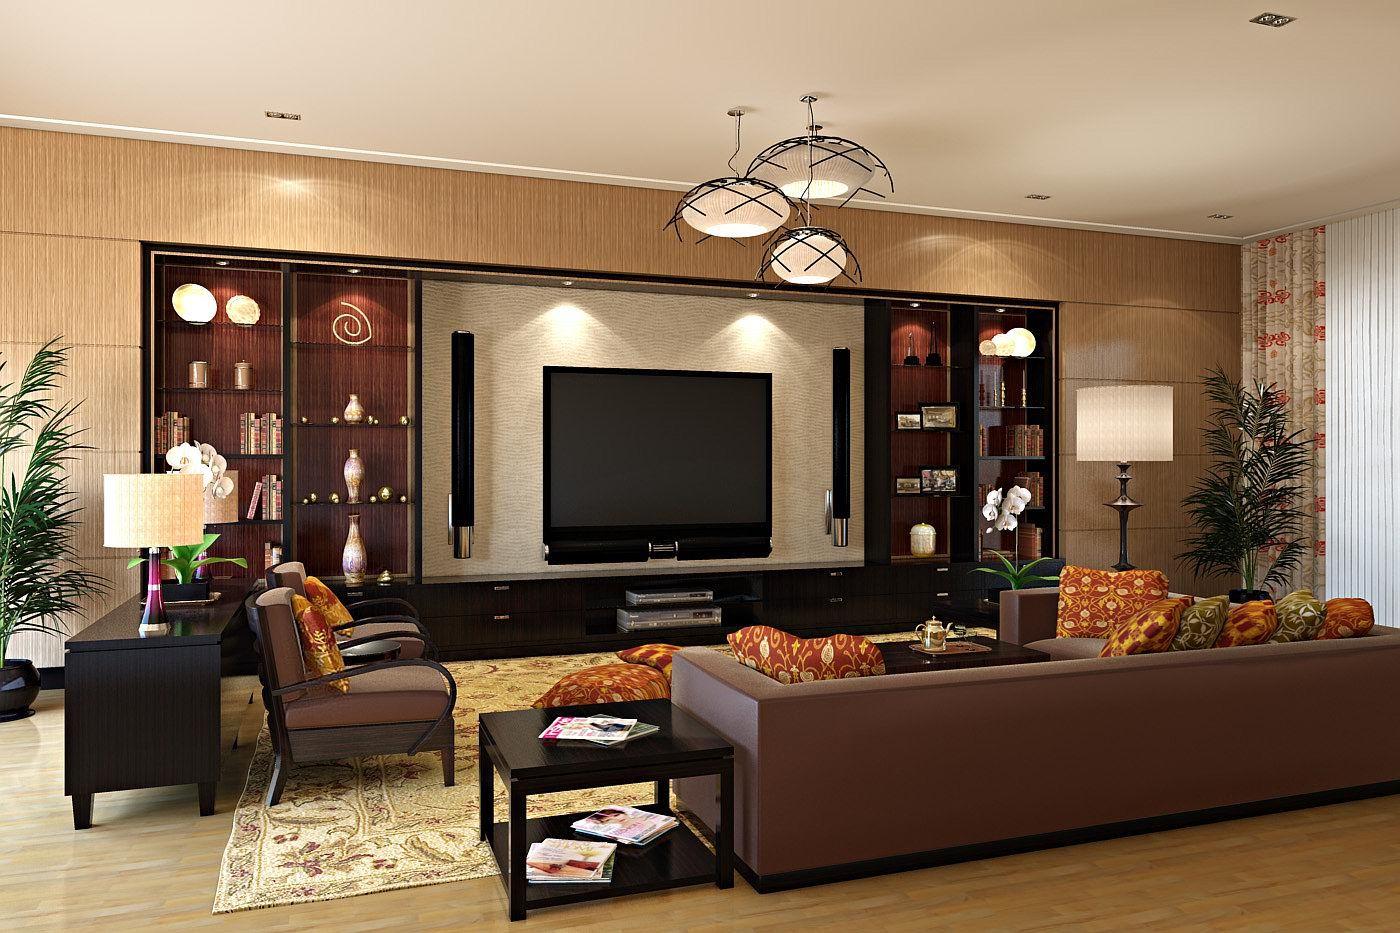 20 Beautiful Entertainment Room Ideas Living Room Interior Home Interior Design Interior Design Living Room